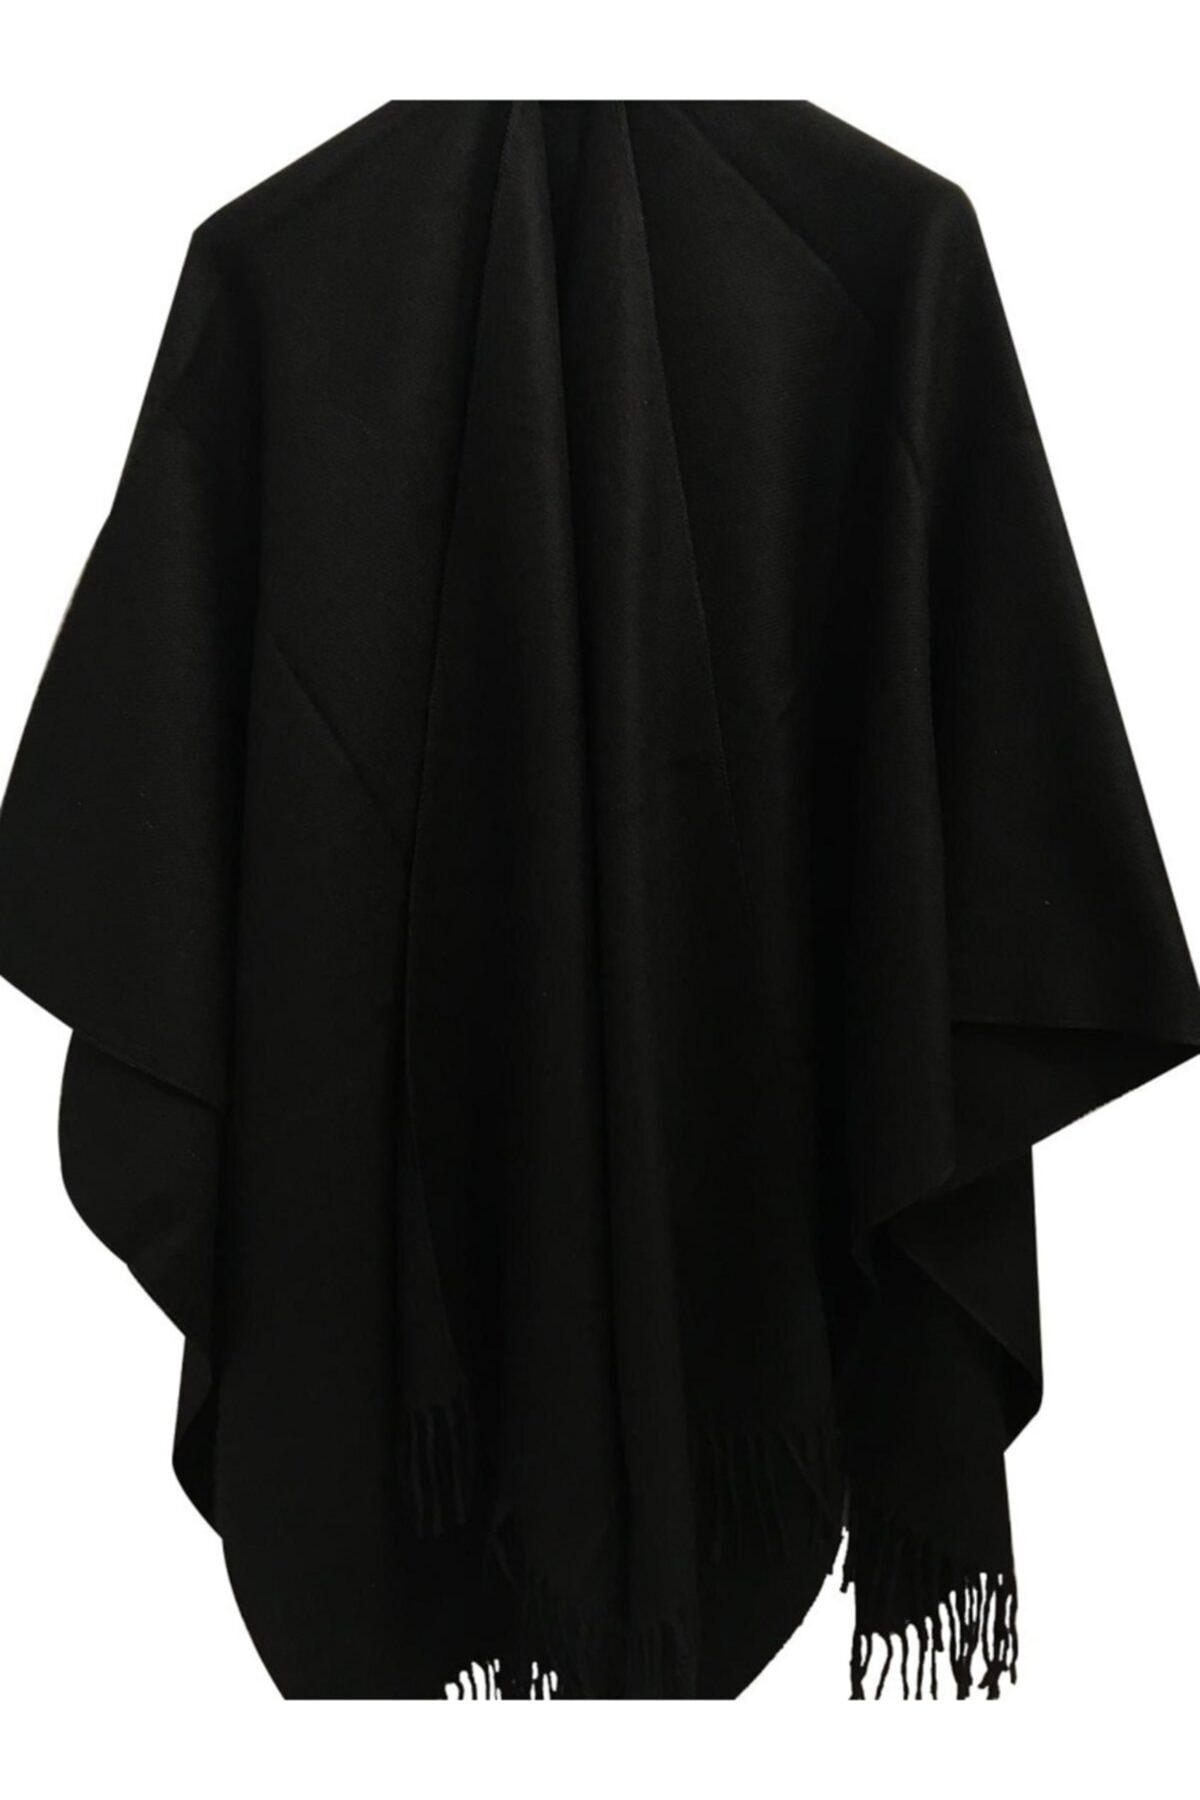 Kadın Siyah Düz Panço